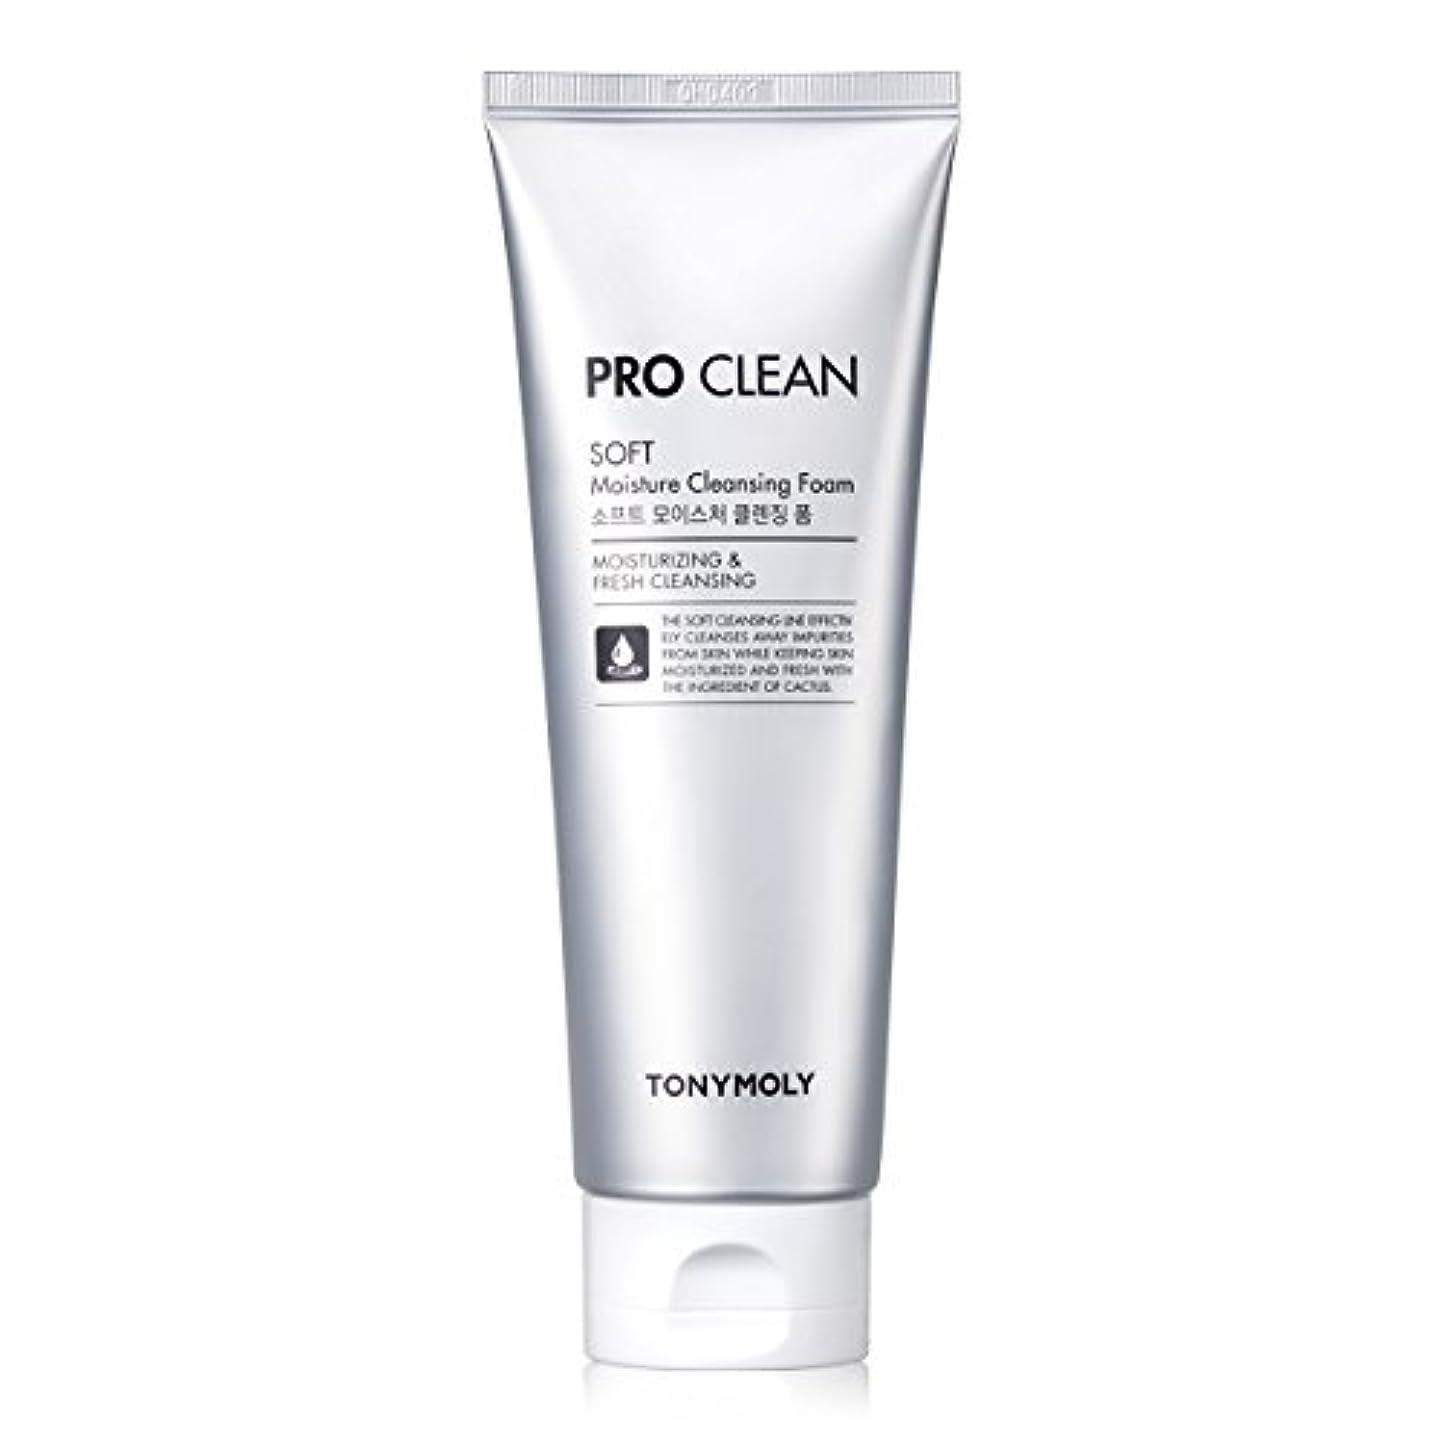 ためにチューリップリネン[New] TONYMOLY Pro Clean Soft Moisture Cleansing Foam 150ml/トニーモリー プロ クリーン ソフト モイスチャー クレンジングフォーム 150ml [並行輸入品]